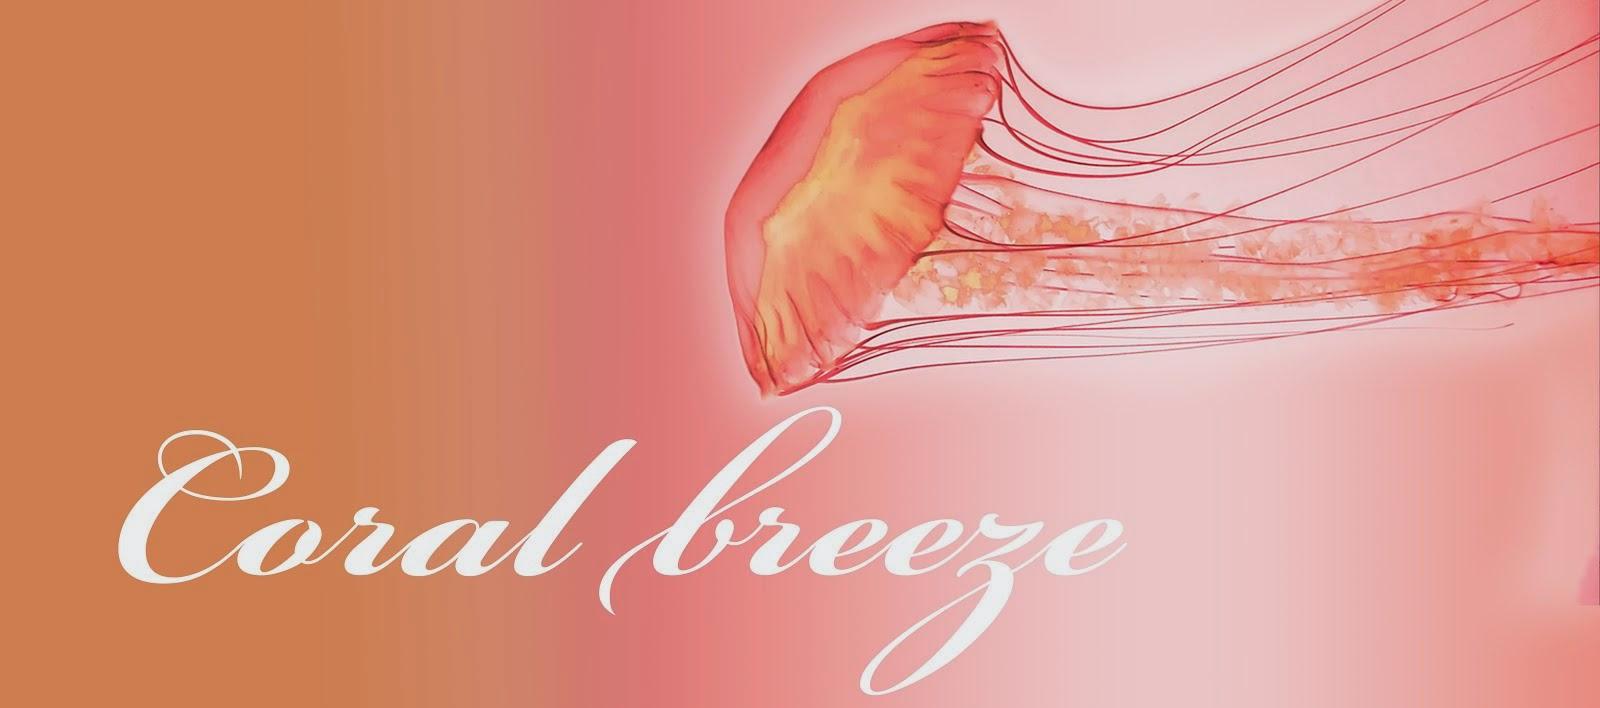 coralbreeze